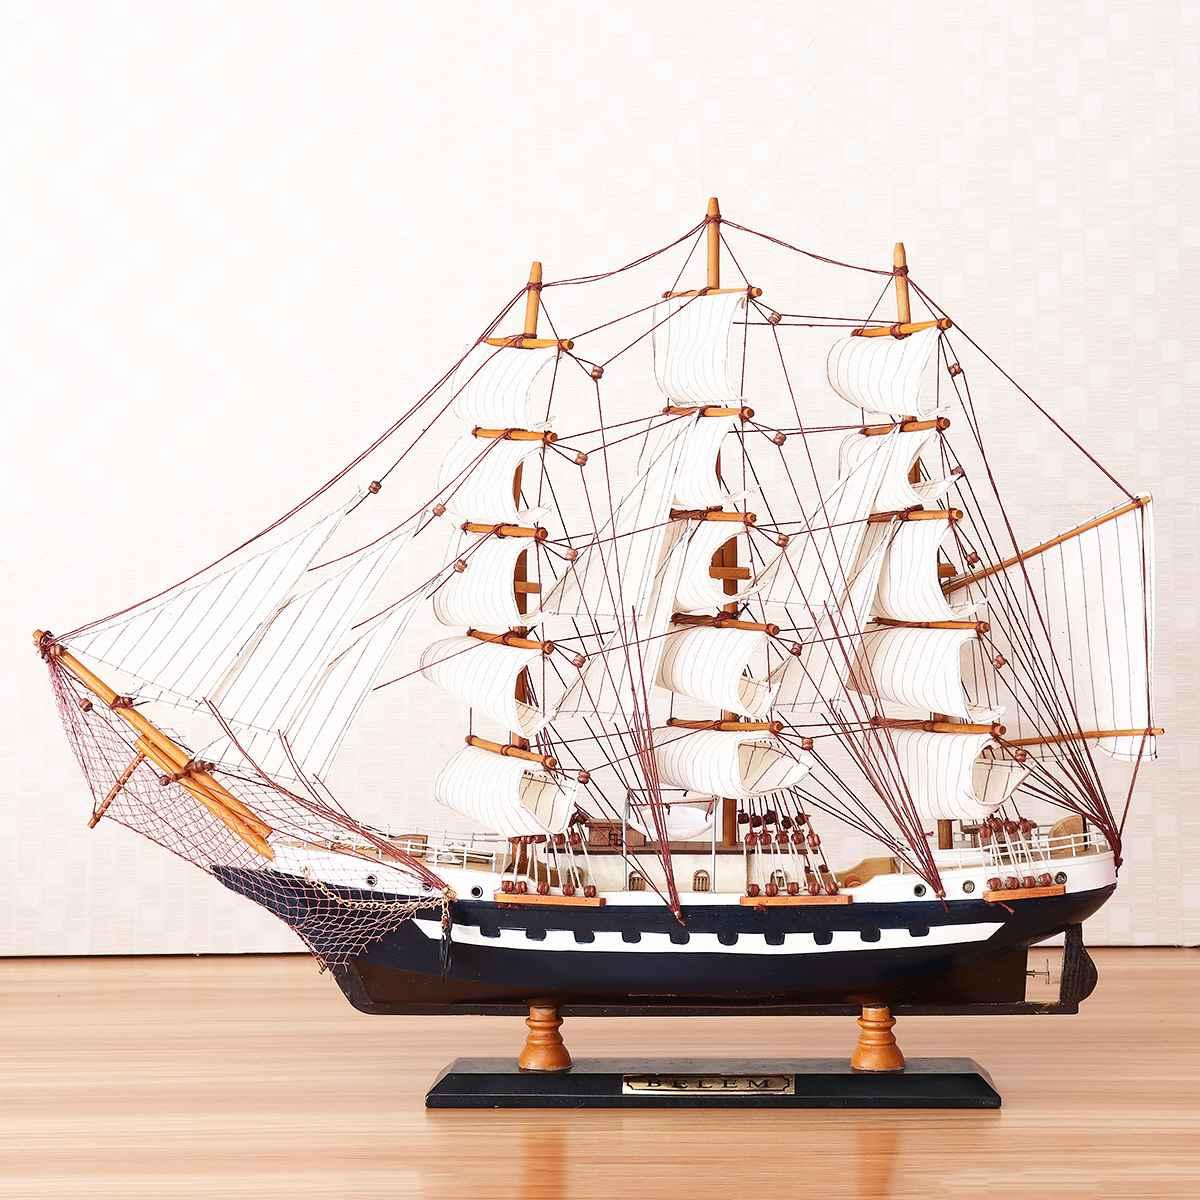 65cm Houten Zeilboot Model Zeilschip Display Schaal Boot Decoratie Gift Kits Montage Model Building Kits Geschenken Decoratie